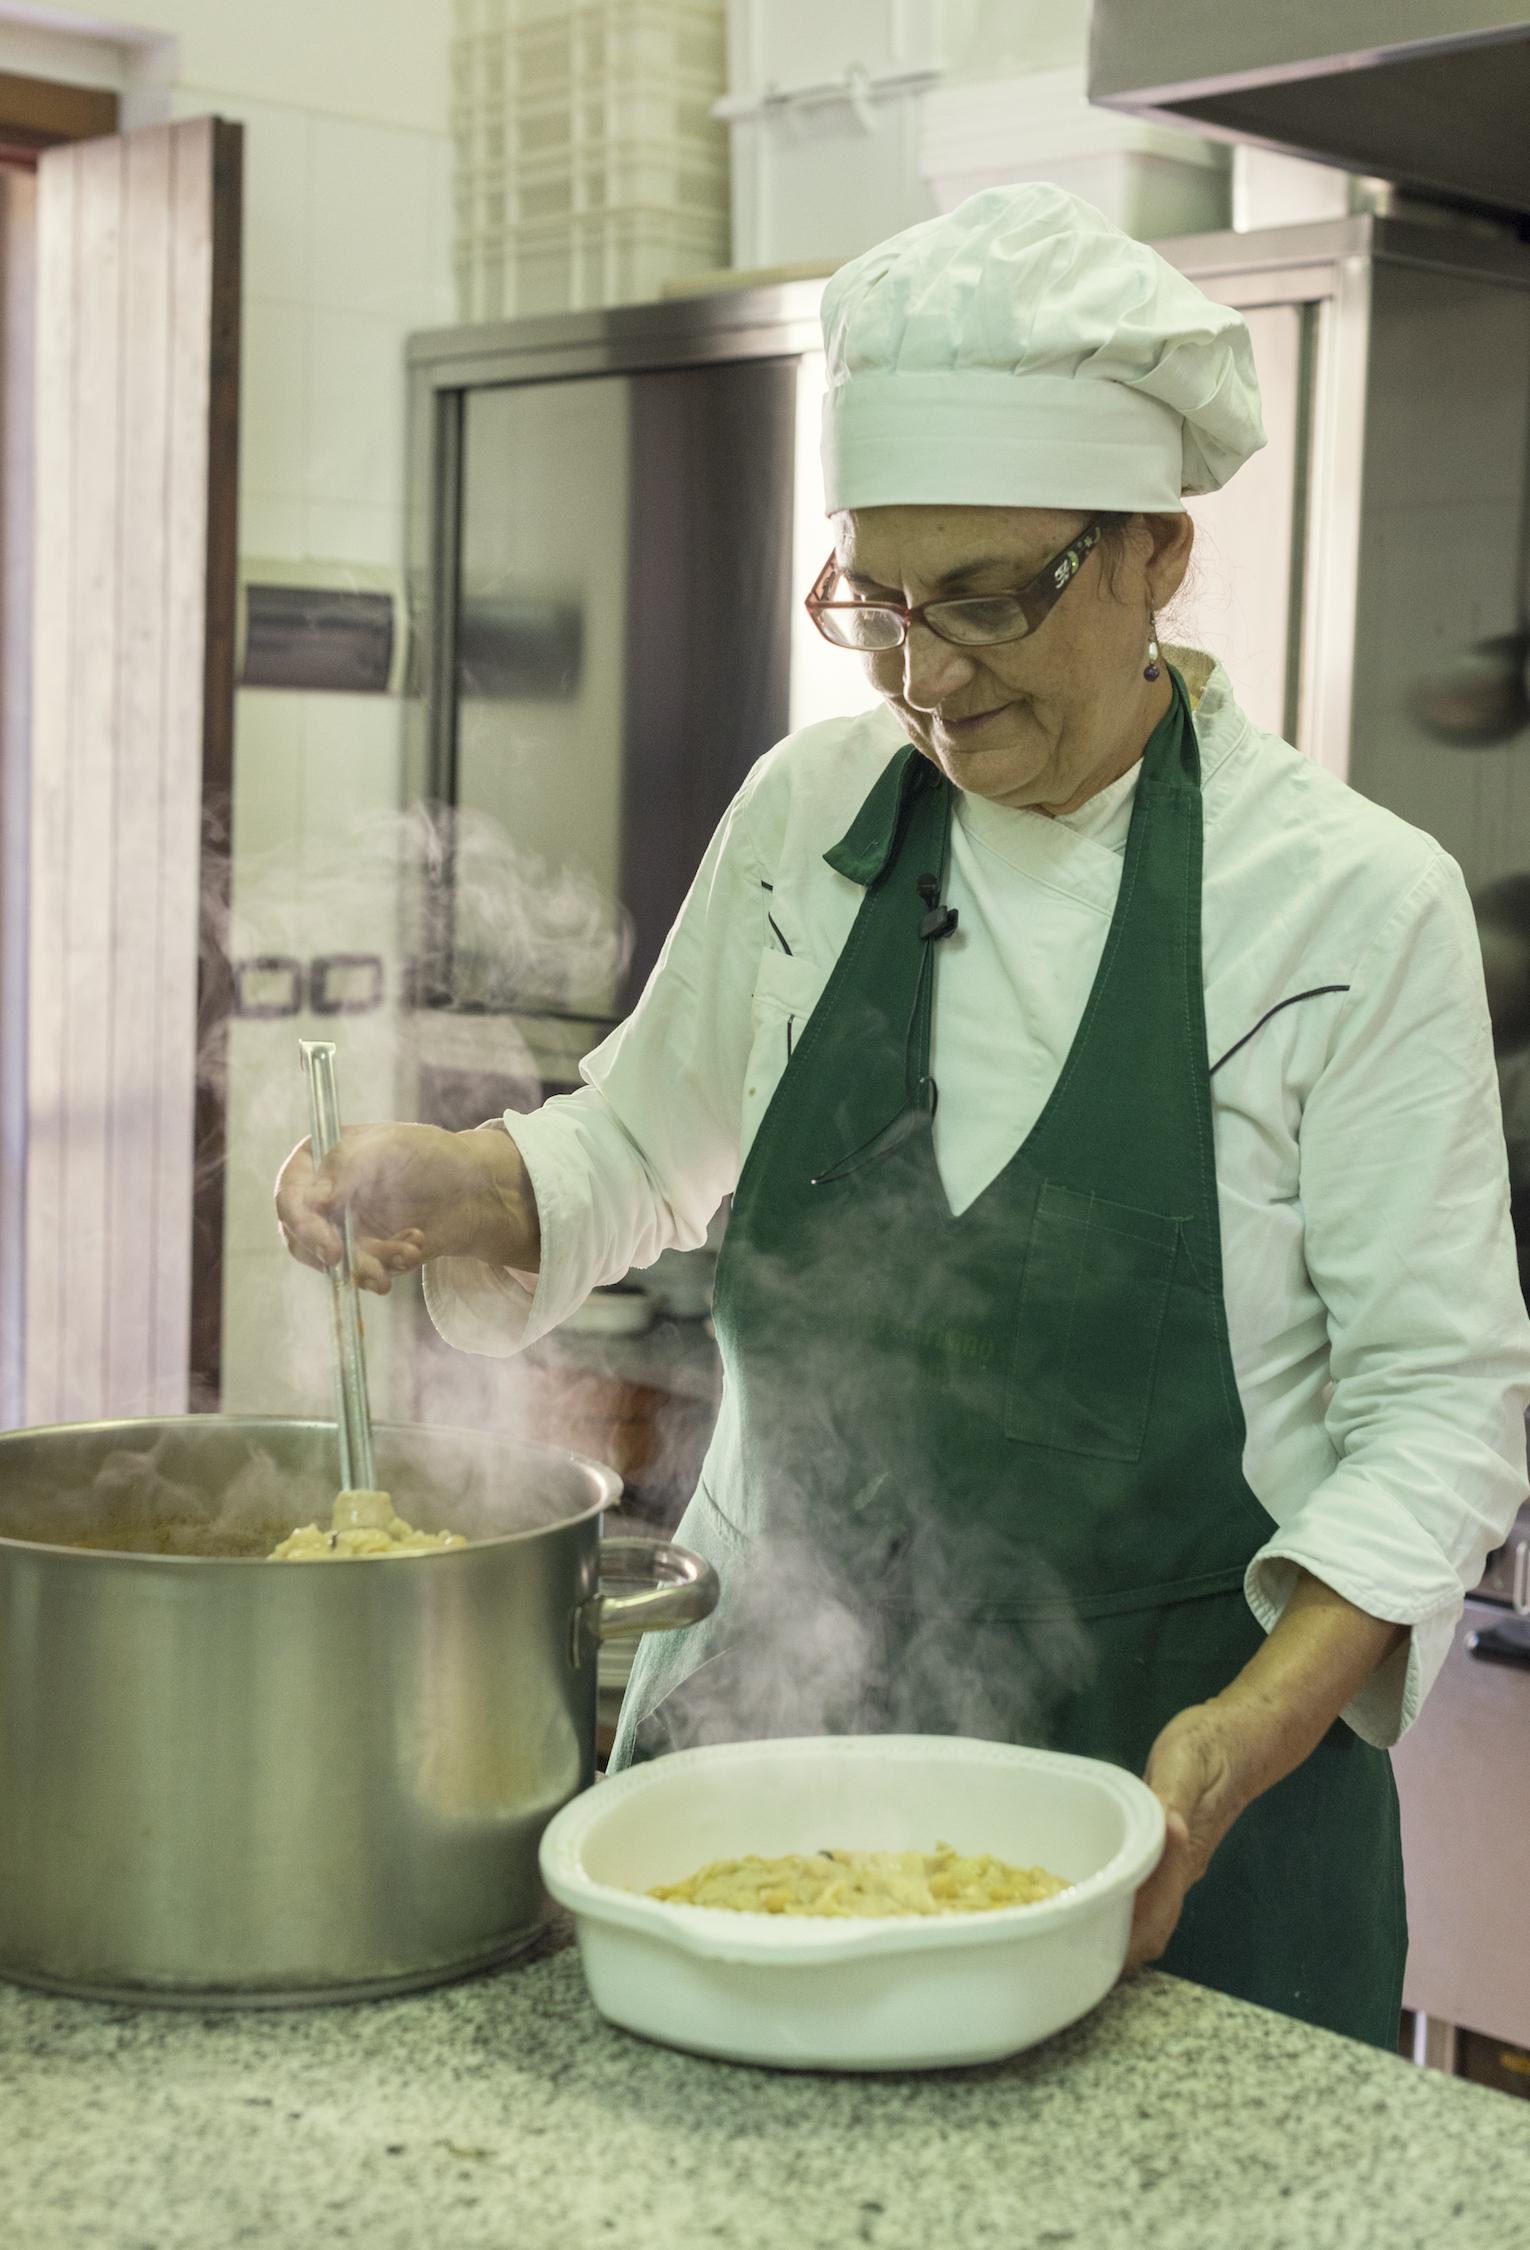 La lavorazione delle lagane | Ph. Flaviana Frascogna - Trentaremi